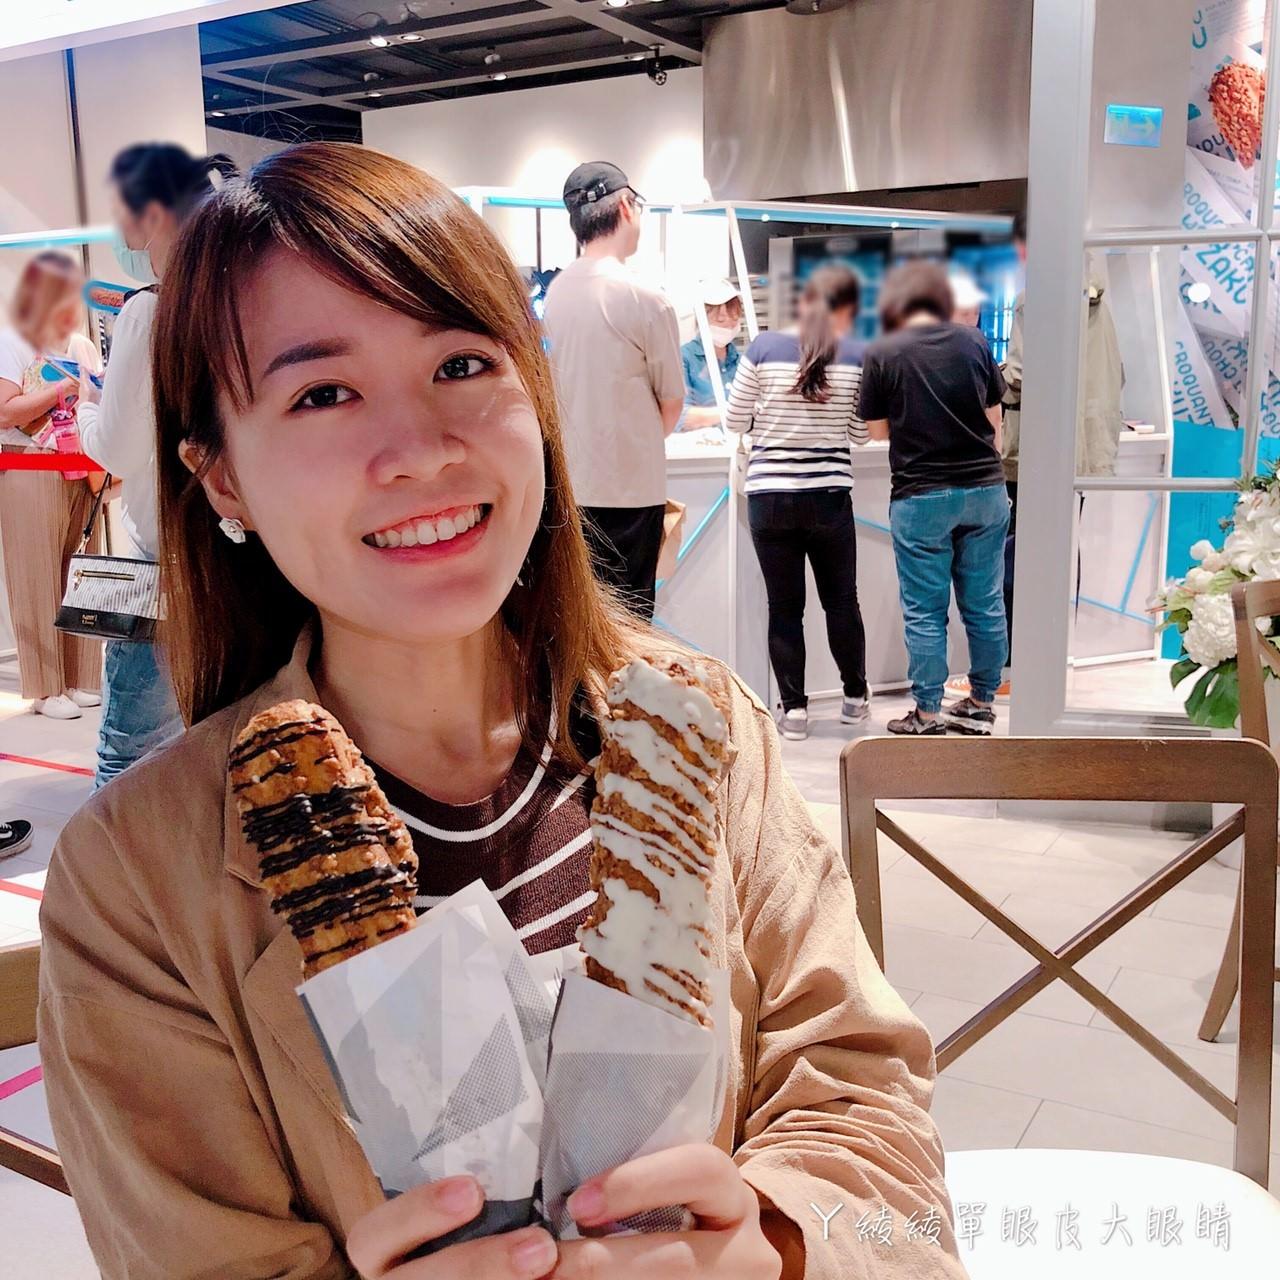 ZAKUZAKU棒棒泡芙新竹巨城店,日本東京人氣甜點!台灣首賣冬季限定莓果巧可霜淇淋